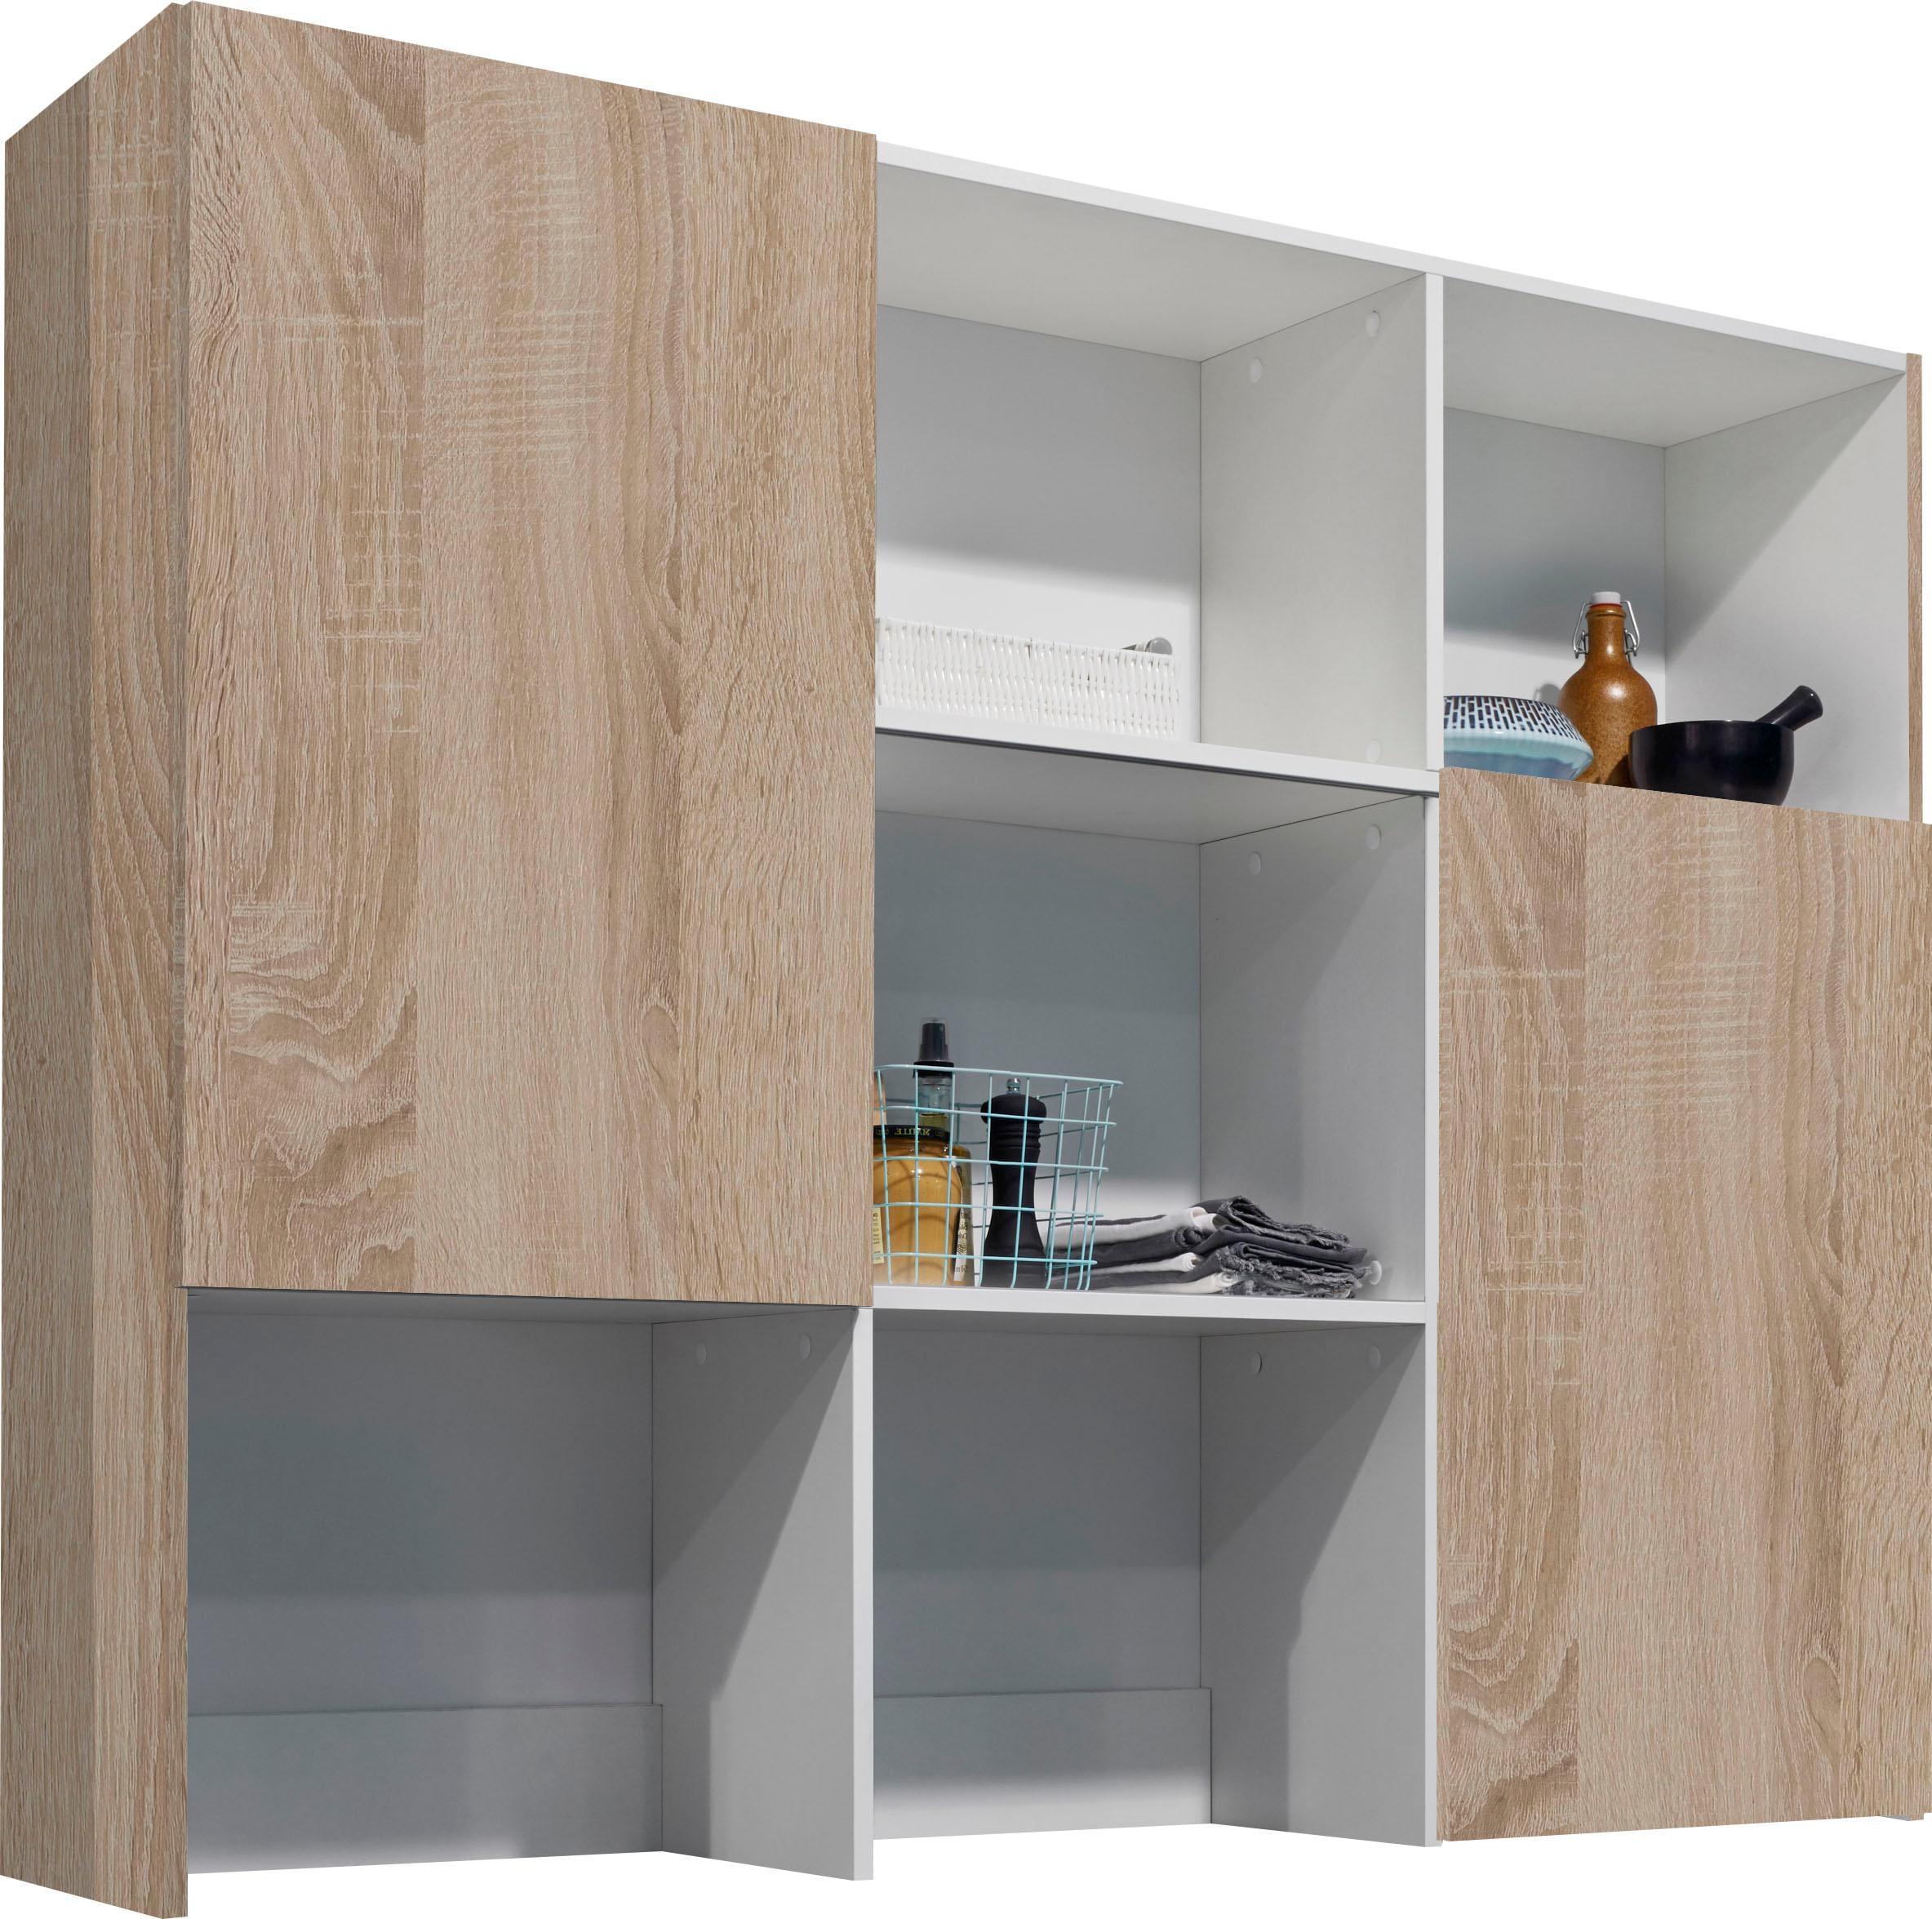 OPTIFIT Aufsatzregal Mini braun Zubehör für Kleiderschränke Möbel Möbelaufsätze